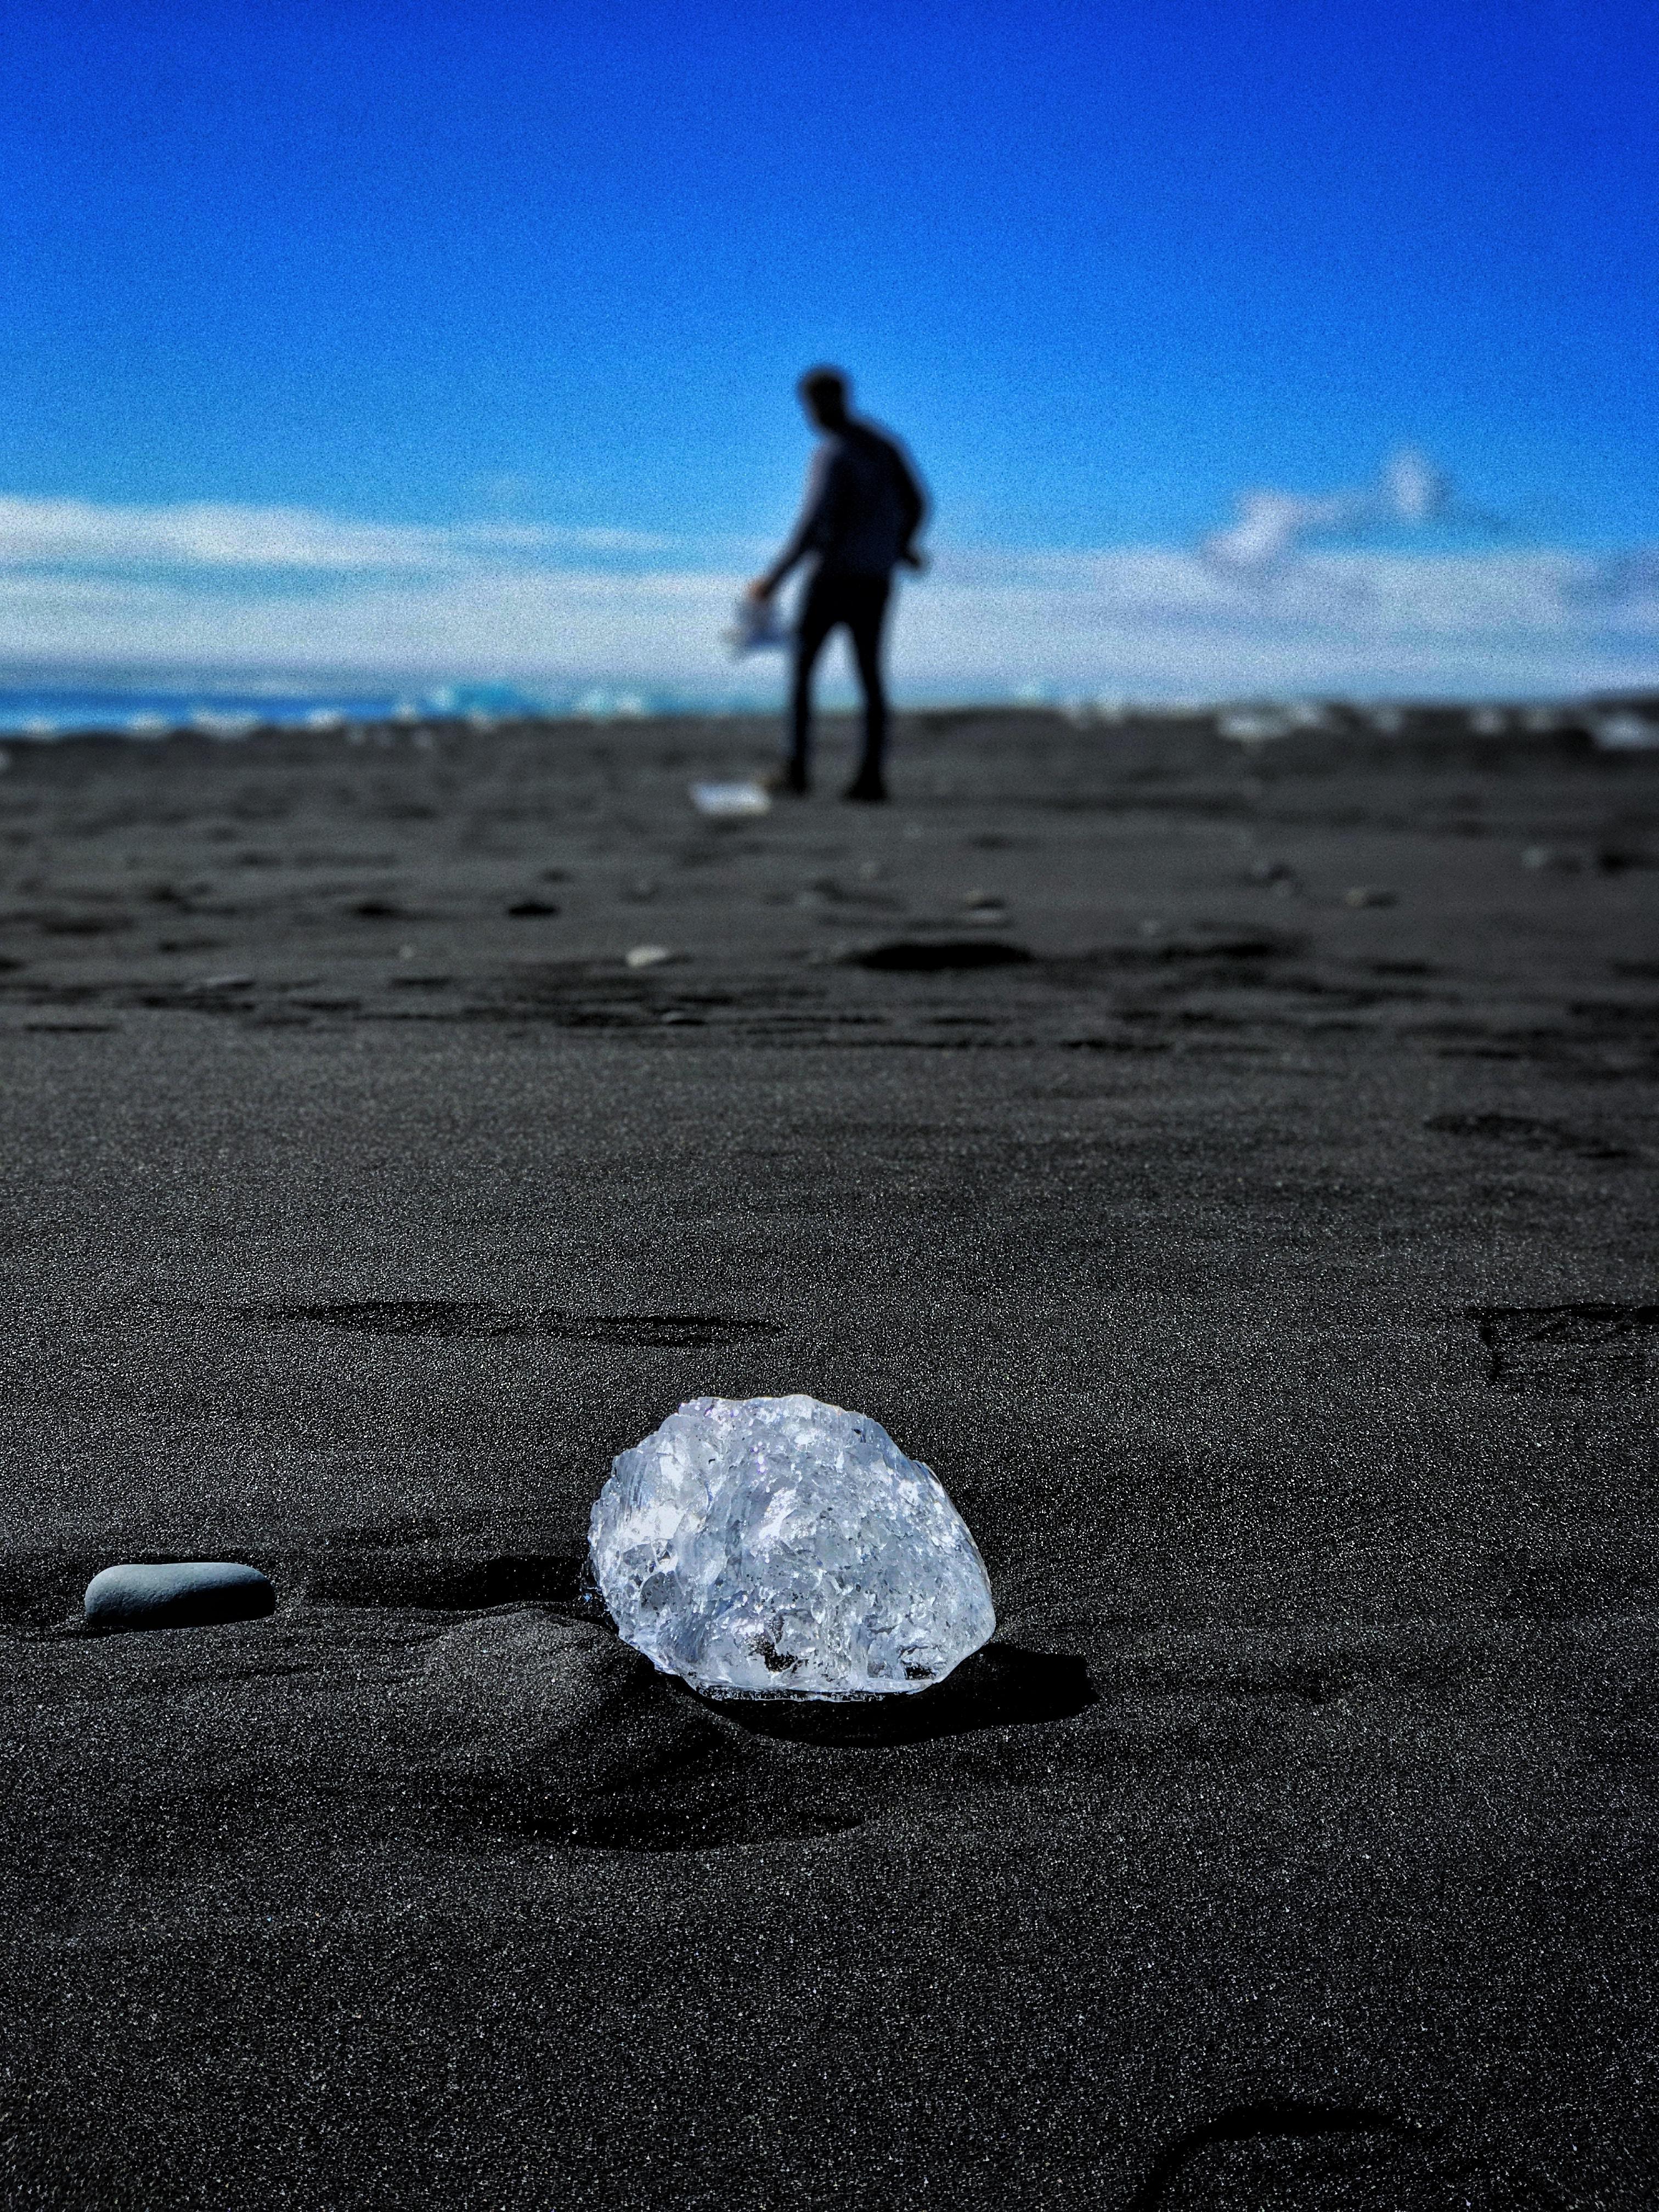 round clear gem stone on ground